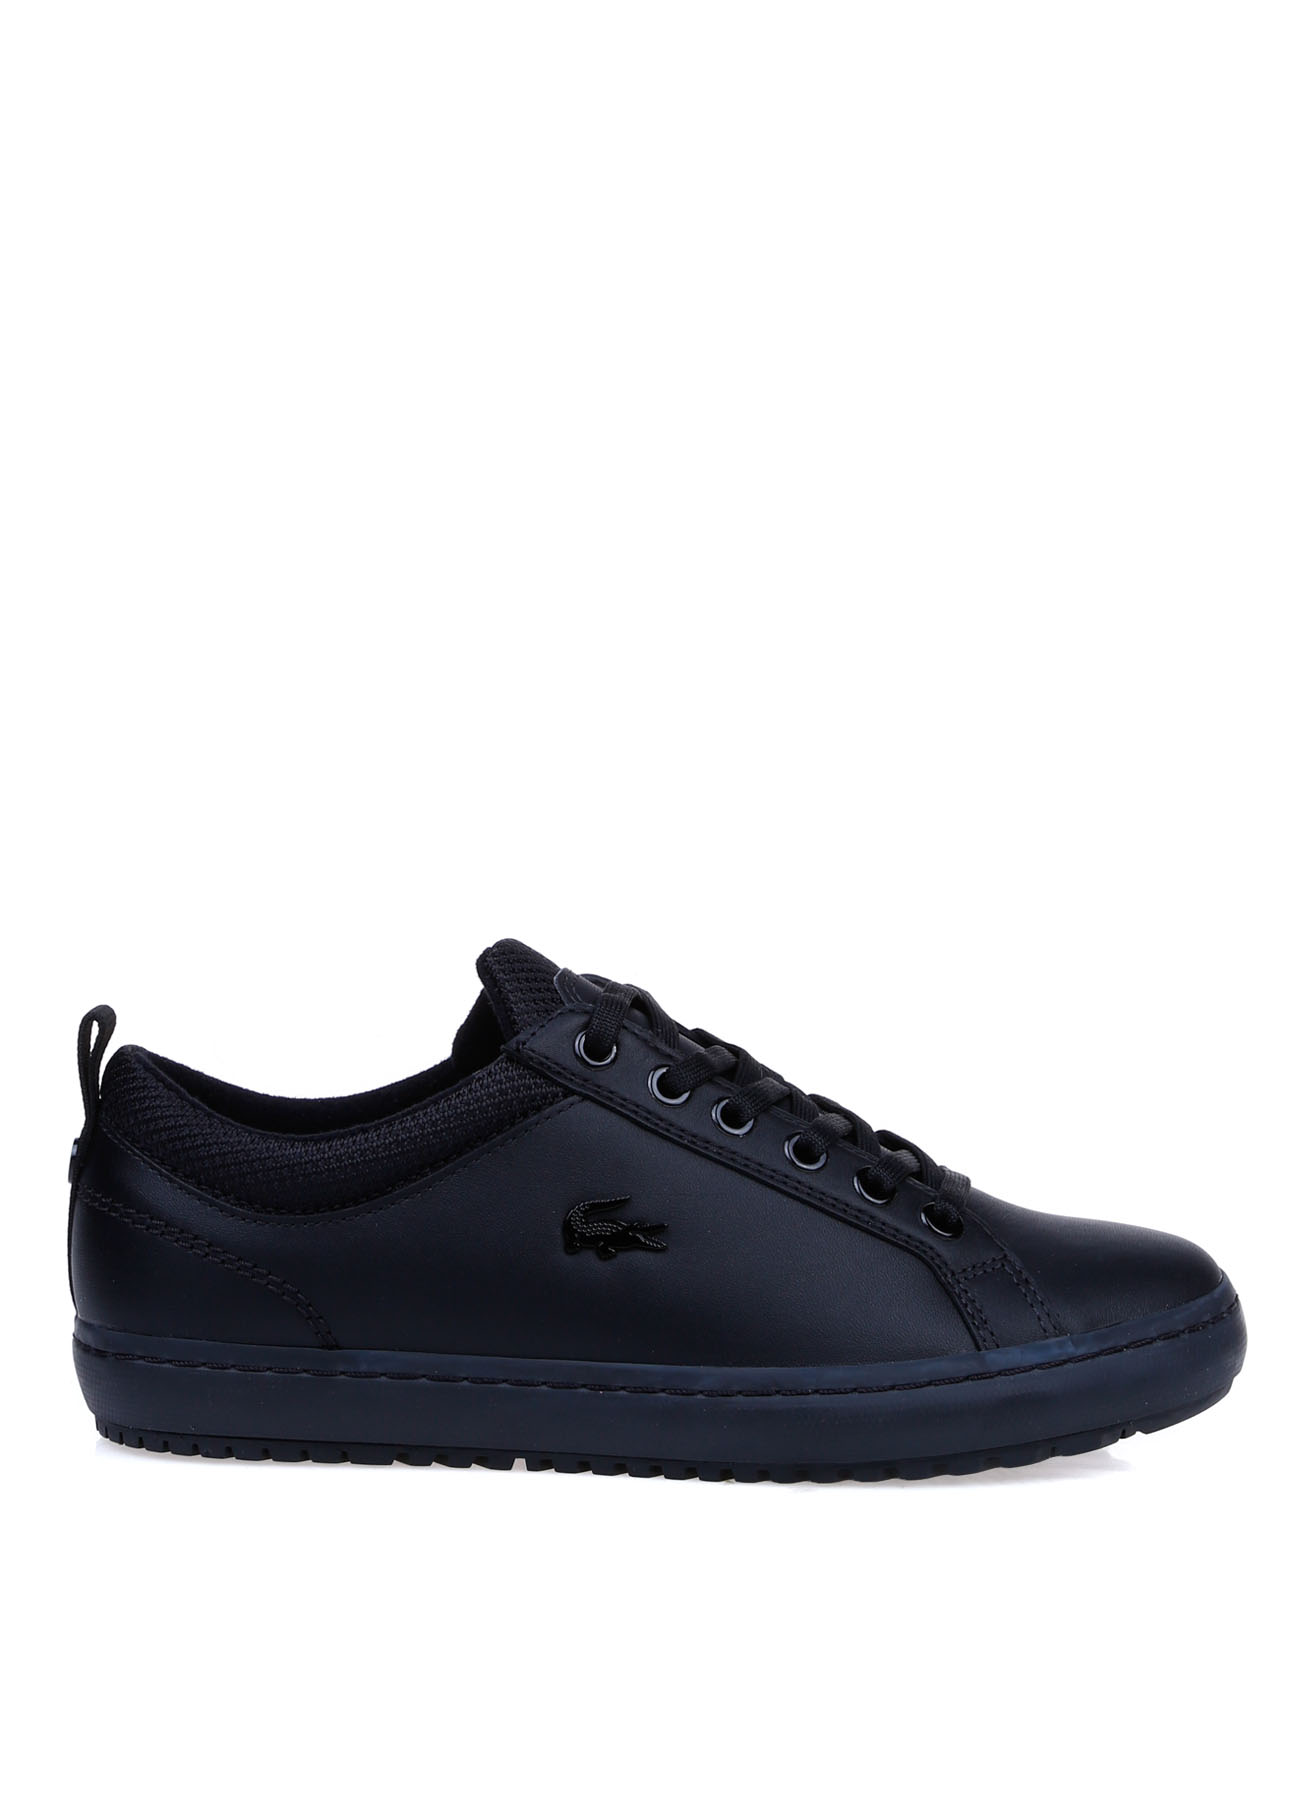 Lacoste Erkek Deri Lacivert Sneaker 39 5002312555004 Ürün Resmi